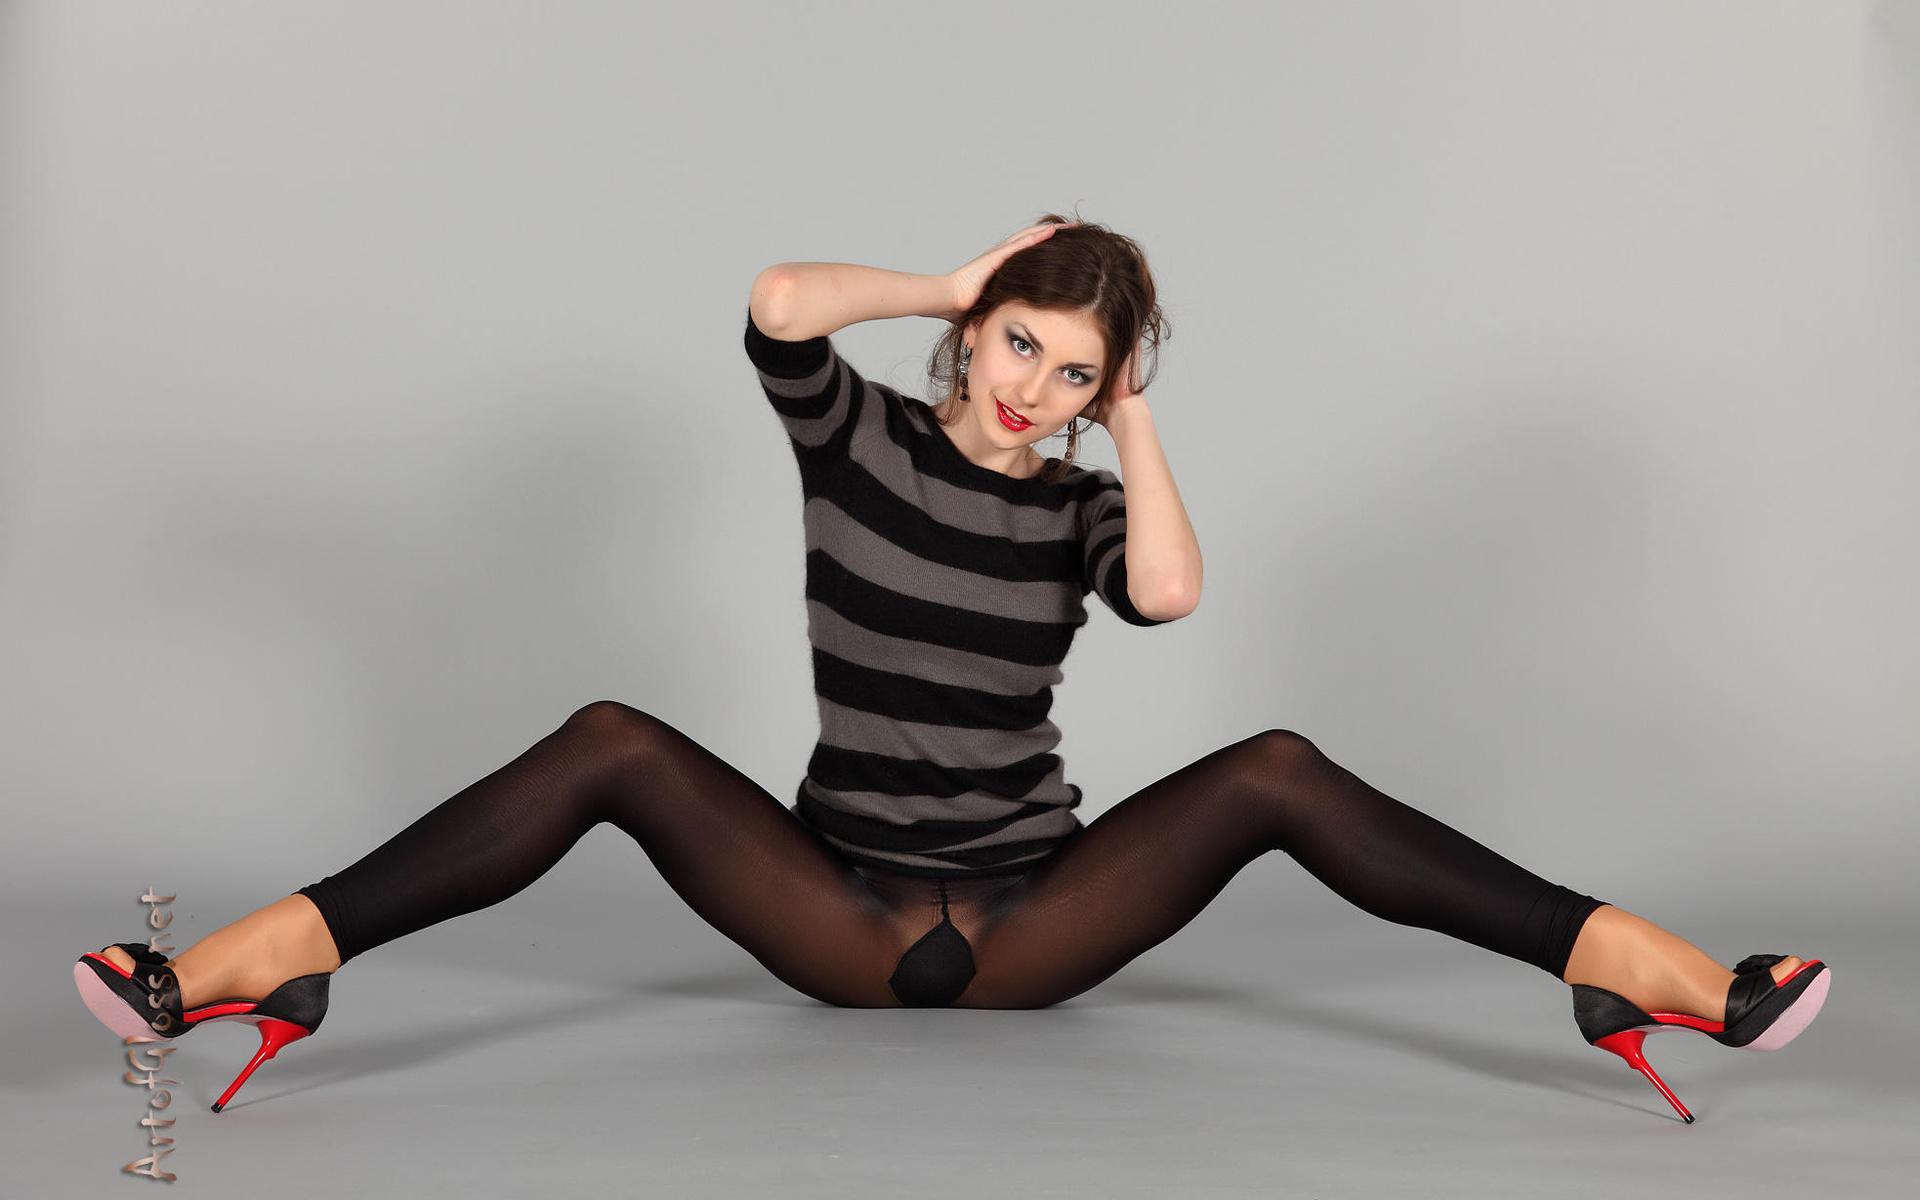 igraetsya-s-kolgotkami-seks-s-snogsshibatelnoy-telkoy-v-mini-yubke-v-ofise